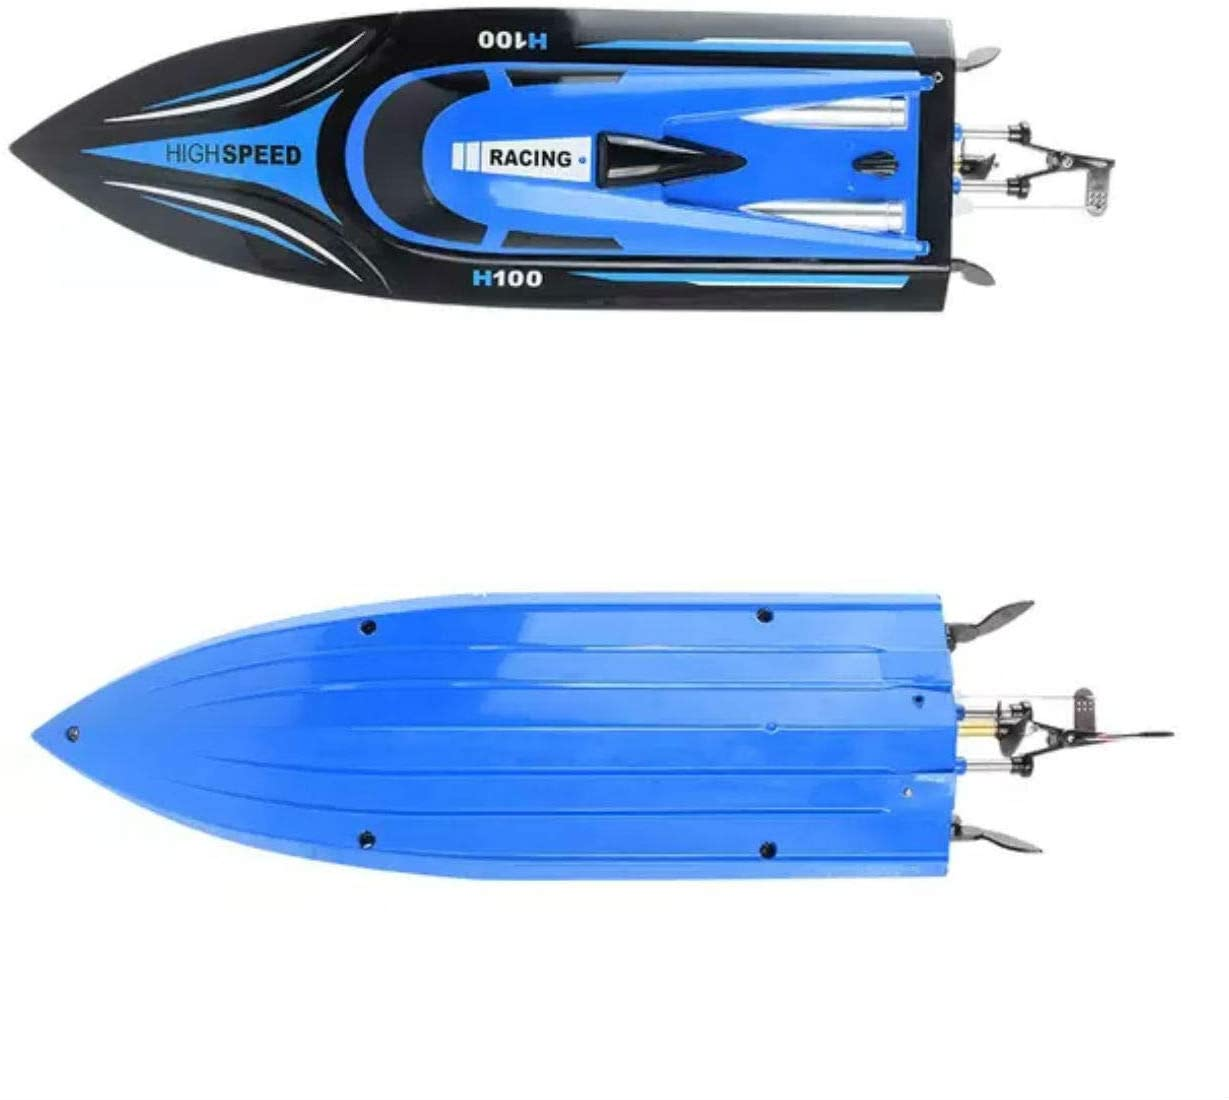 Závodní člun HIGHSPEED H100 1:36, až 20 km/h, LCD vysílač, funkce Reversion, RTR